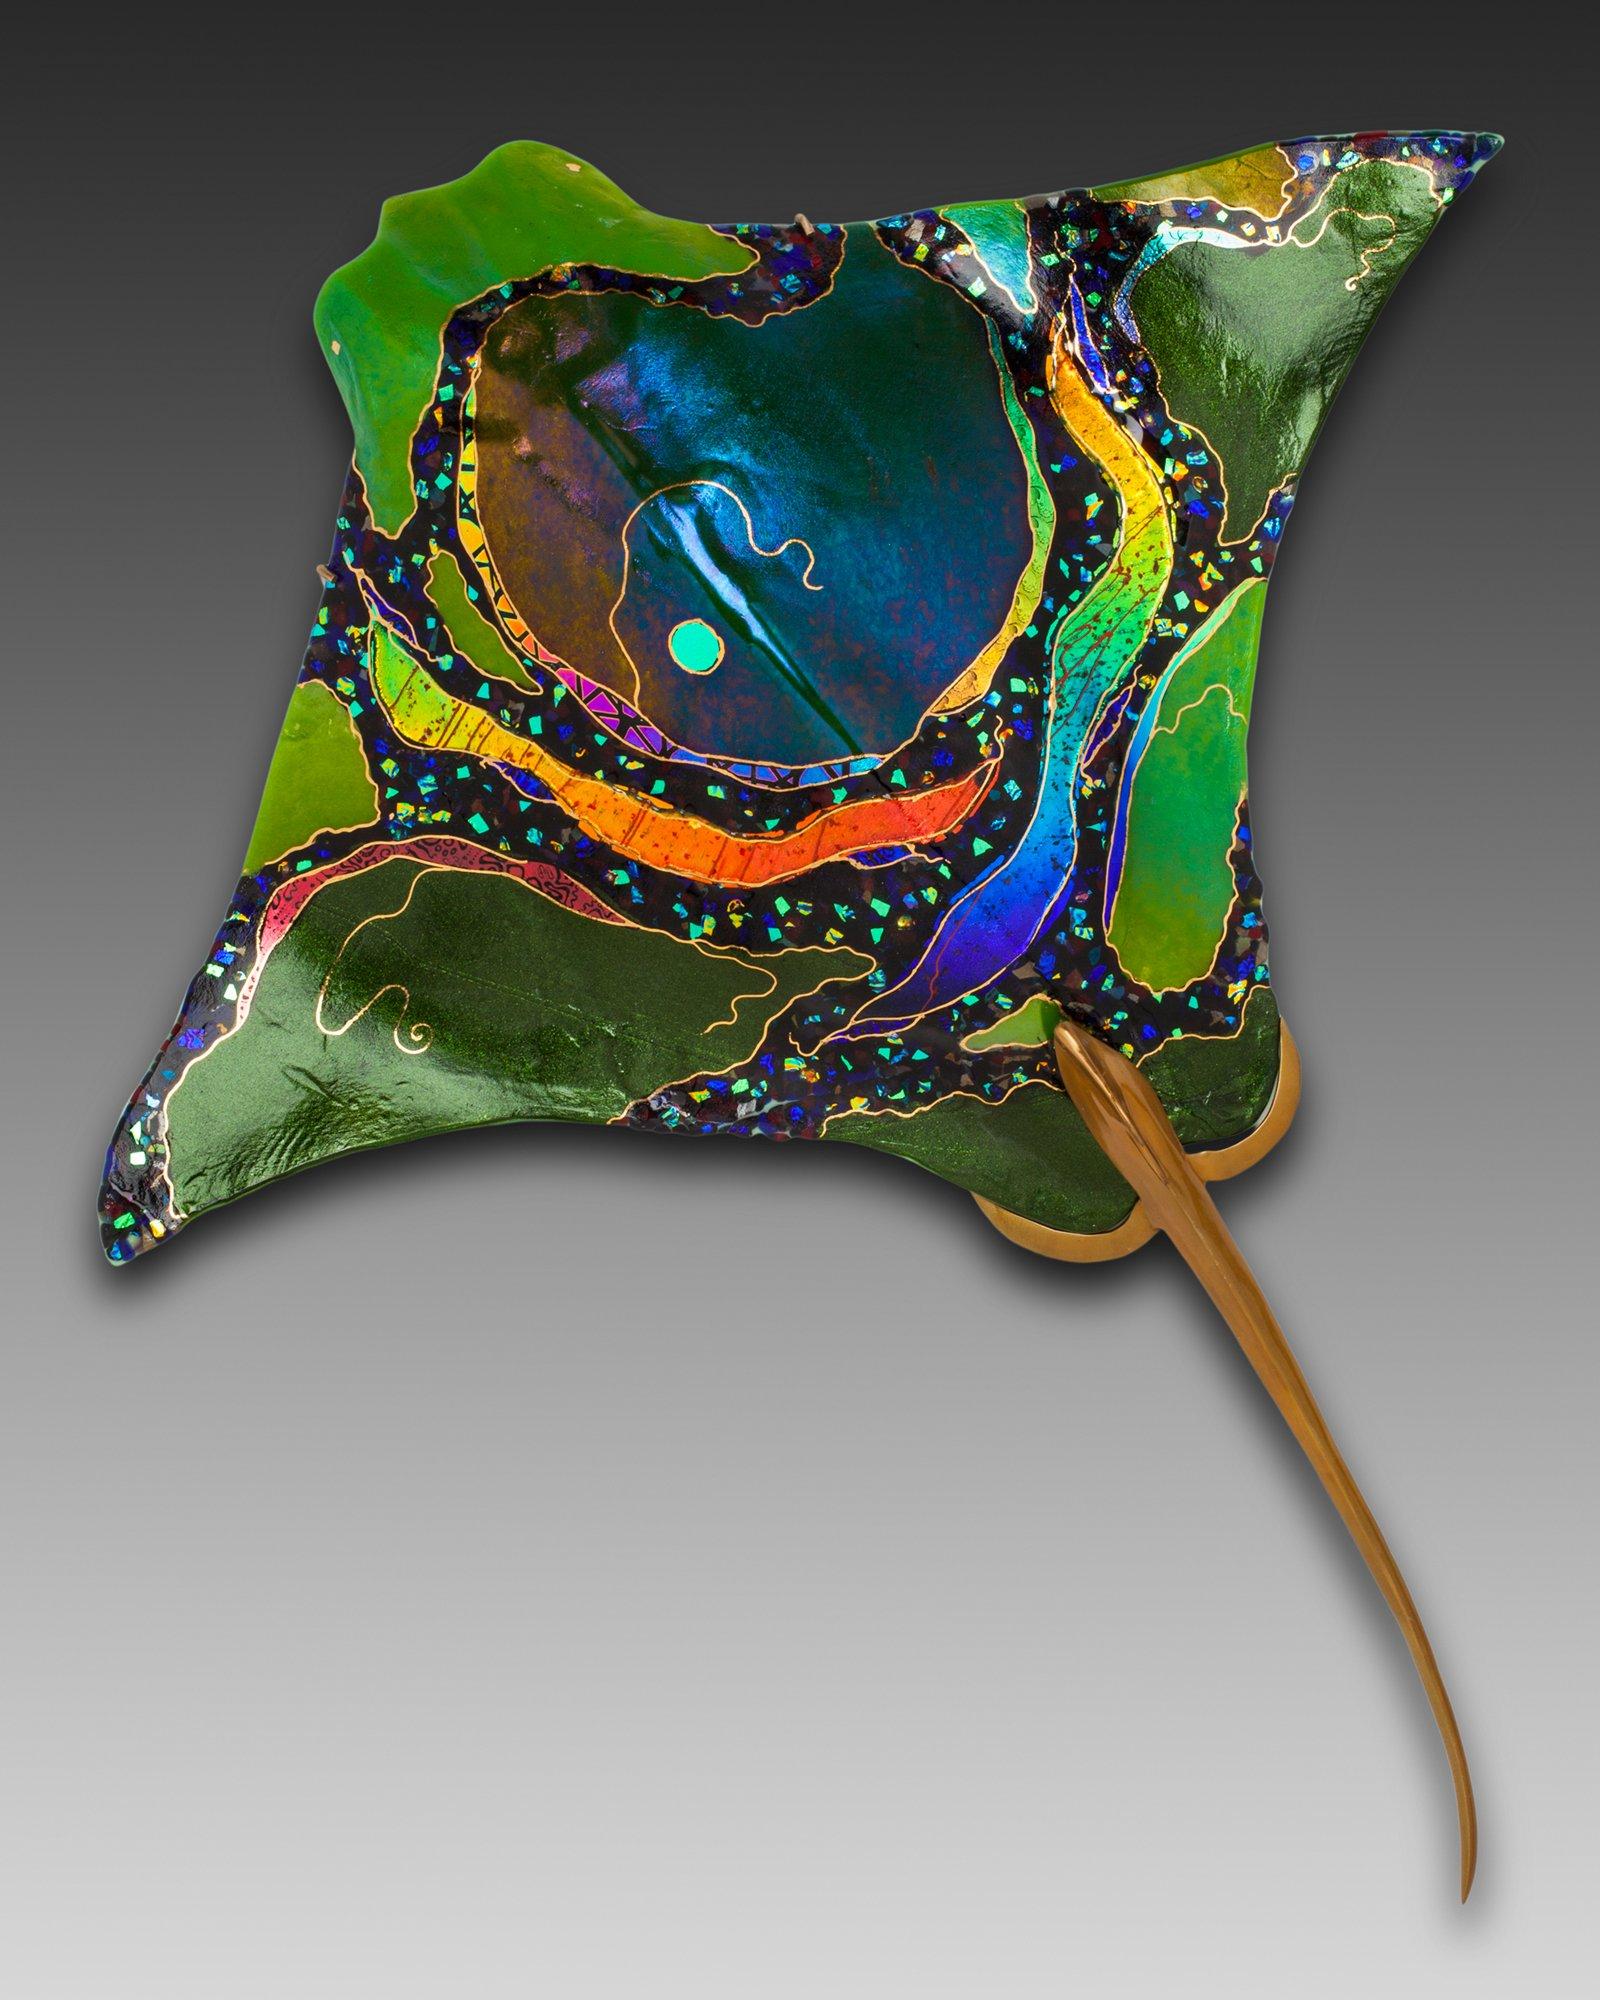 Lifelike 3d Wallpaper Eagle Ray By Karen Ehart Art Glass Wall Sculpture